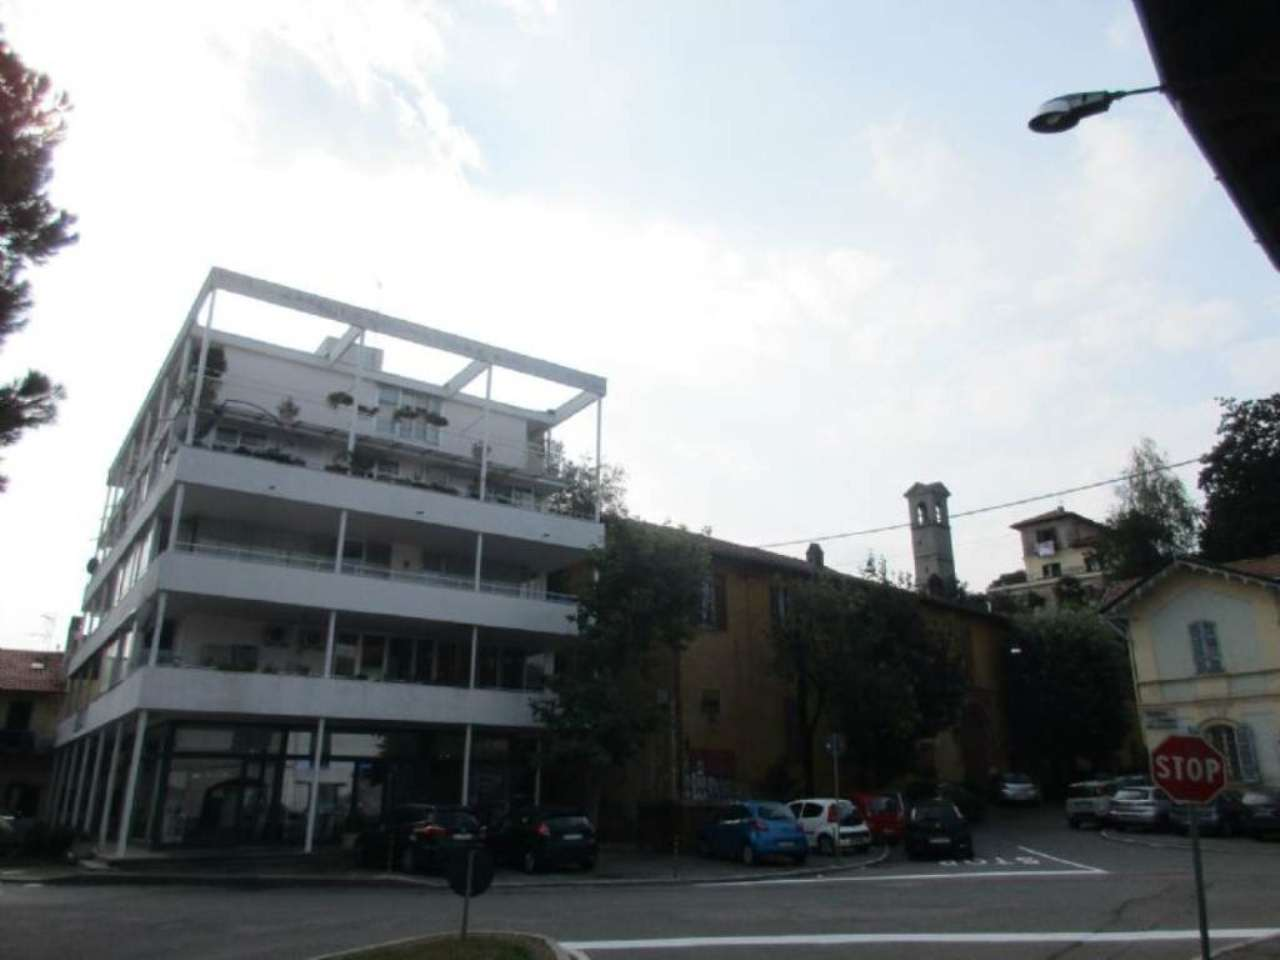 Appartamento in vendita a Cassano Magnago, 3 locali, prezzo € 55.000 | Cambio Casa.it